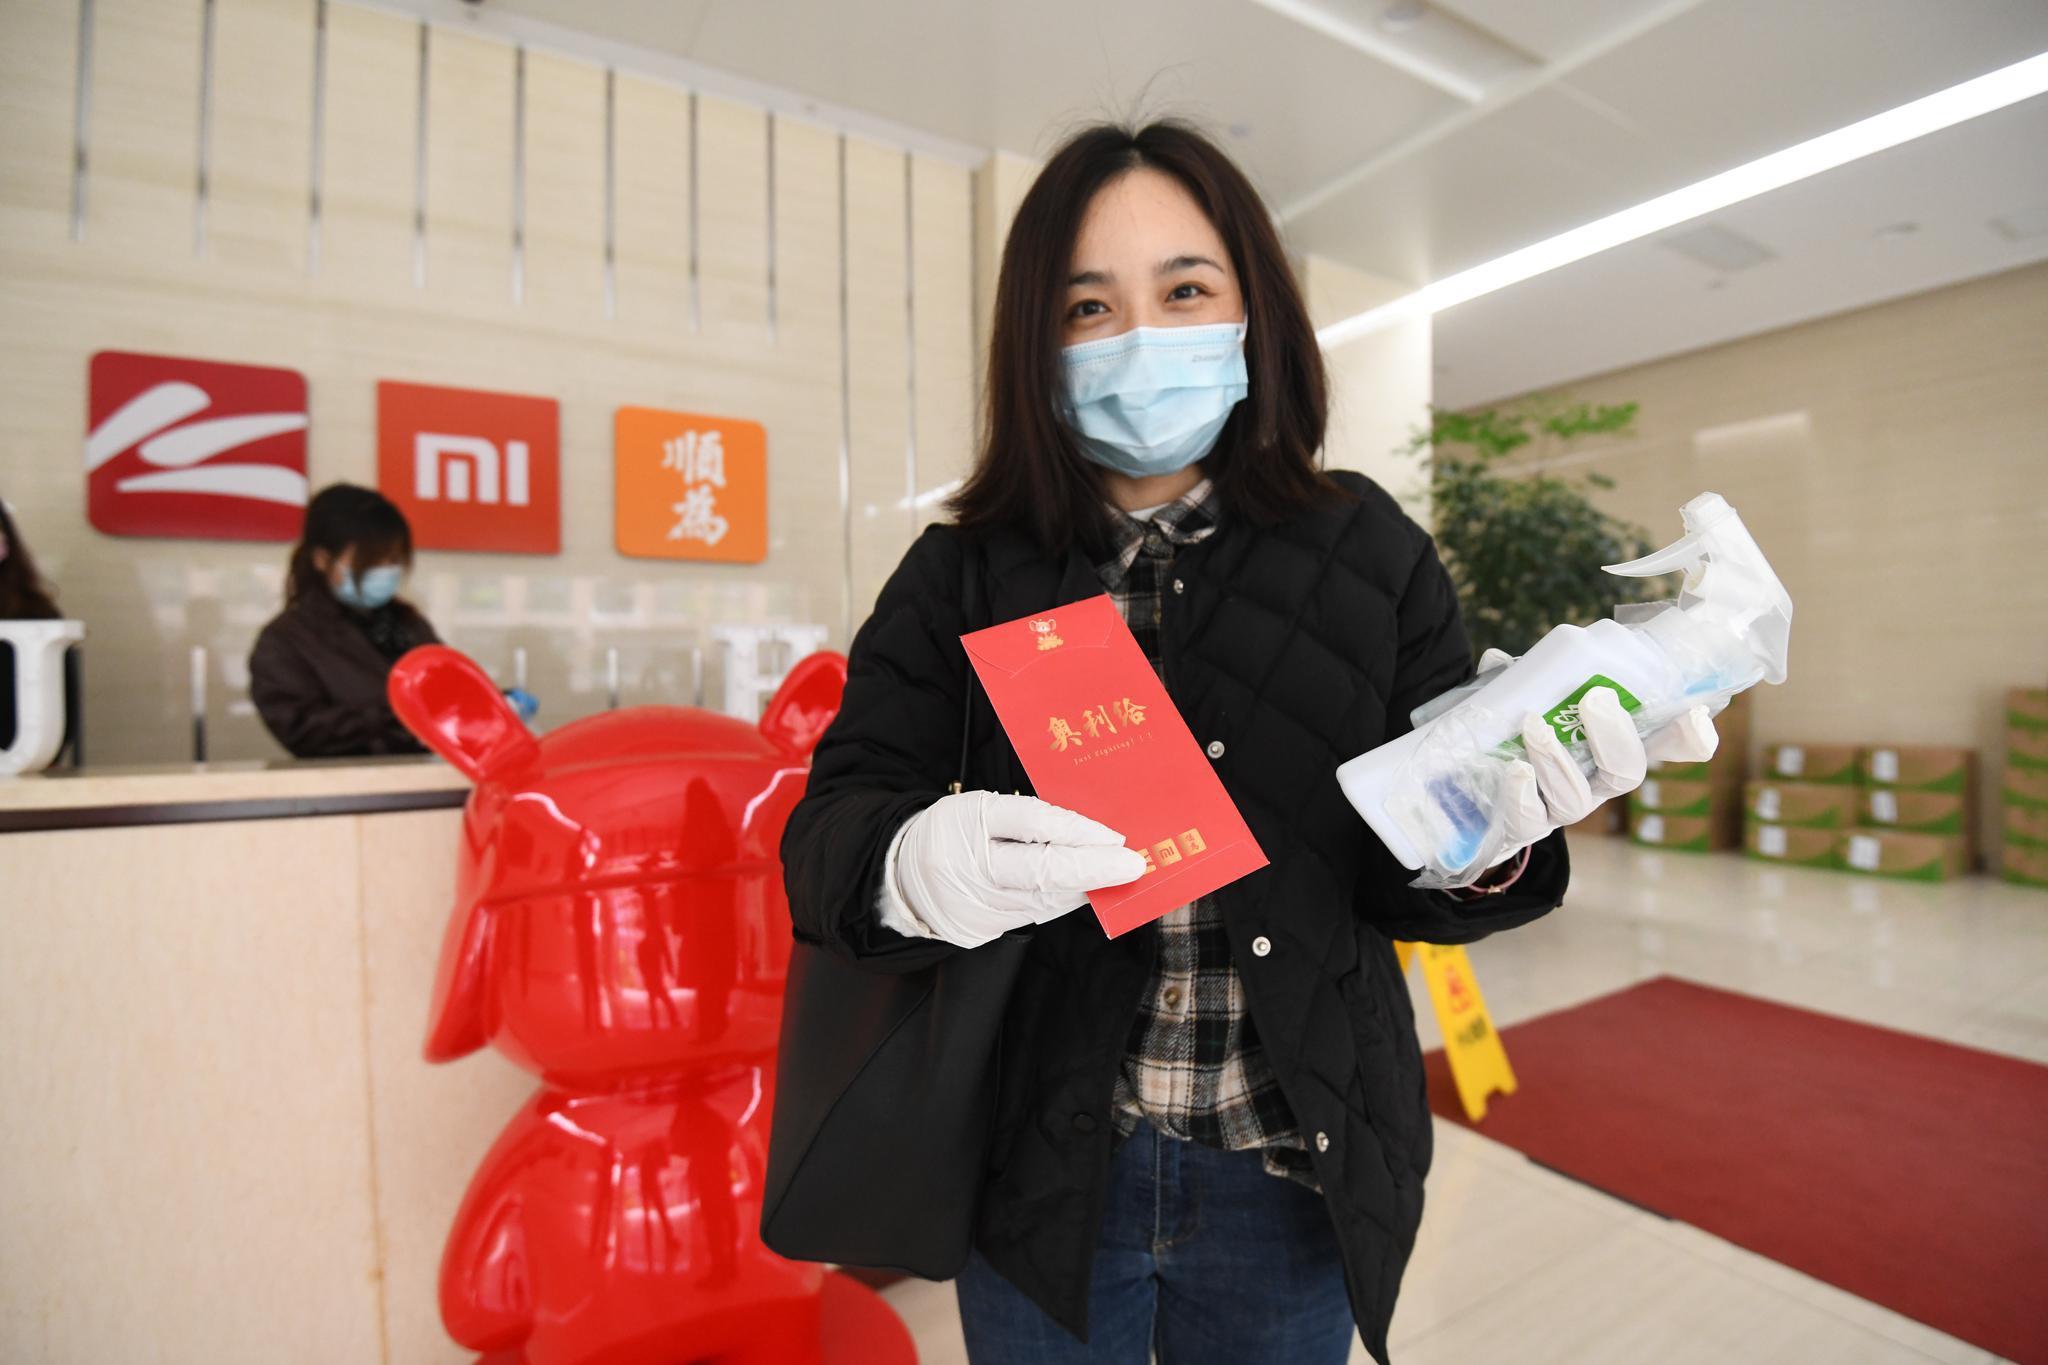 小米武汉复工记:本地员工已返岗,努力减轻外地员工压力图片